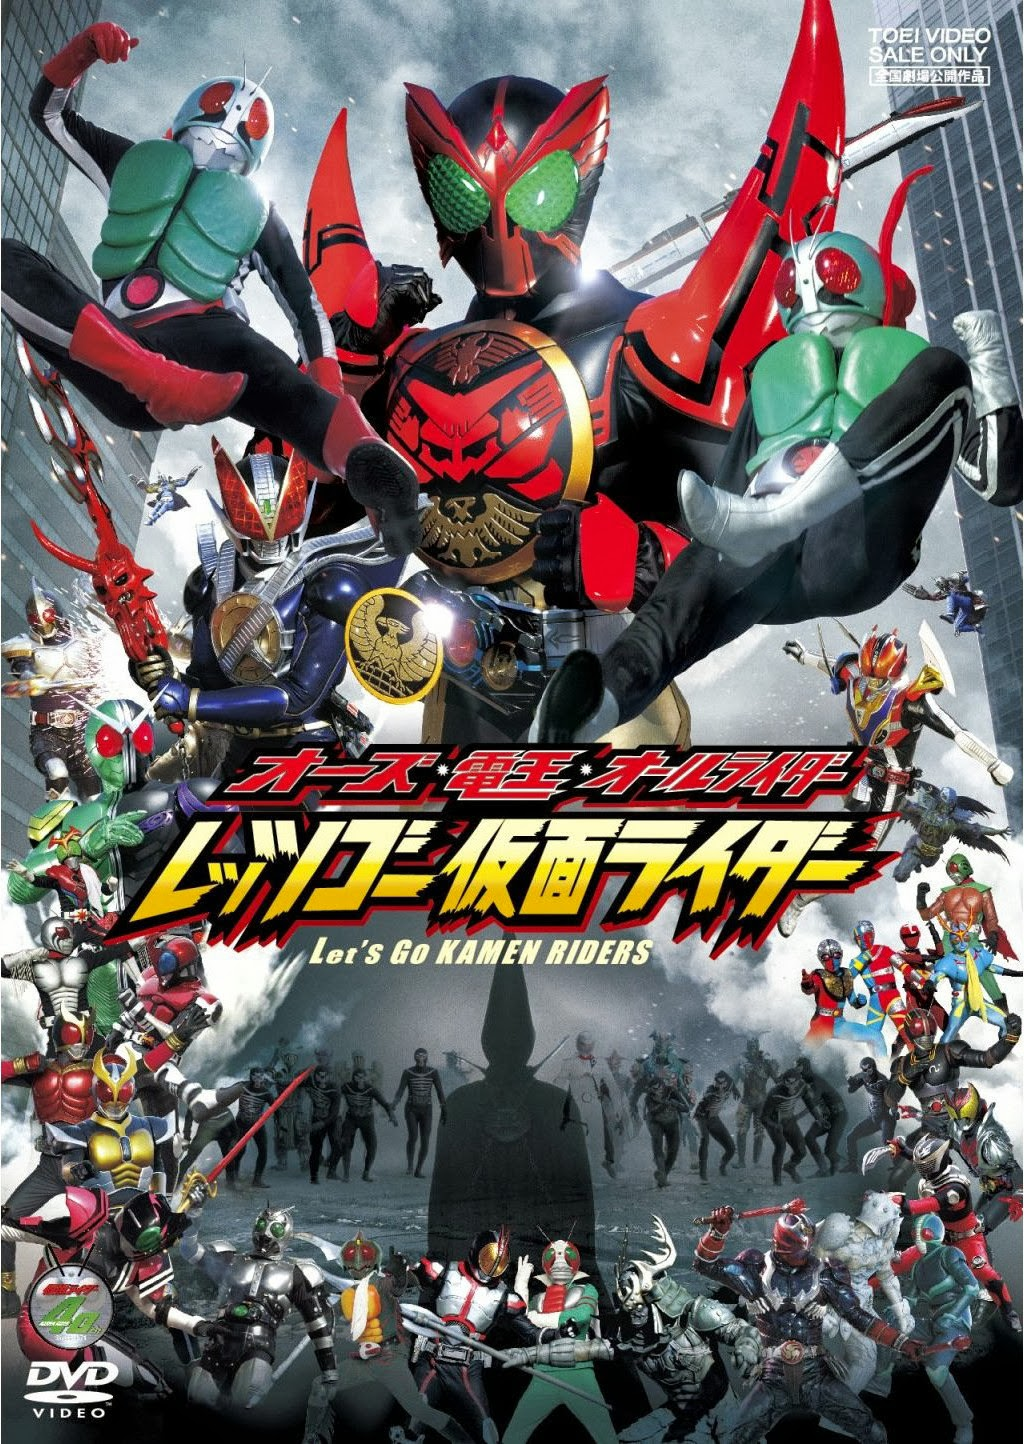 Kamen Rider OOO, Den-O & All Riders: Let's Go Kamen Riders kapak